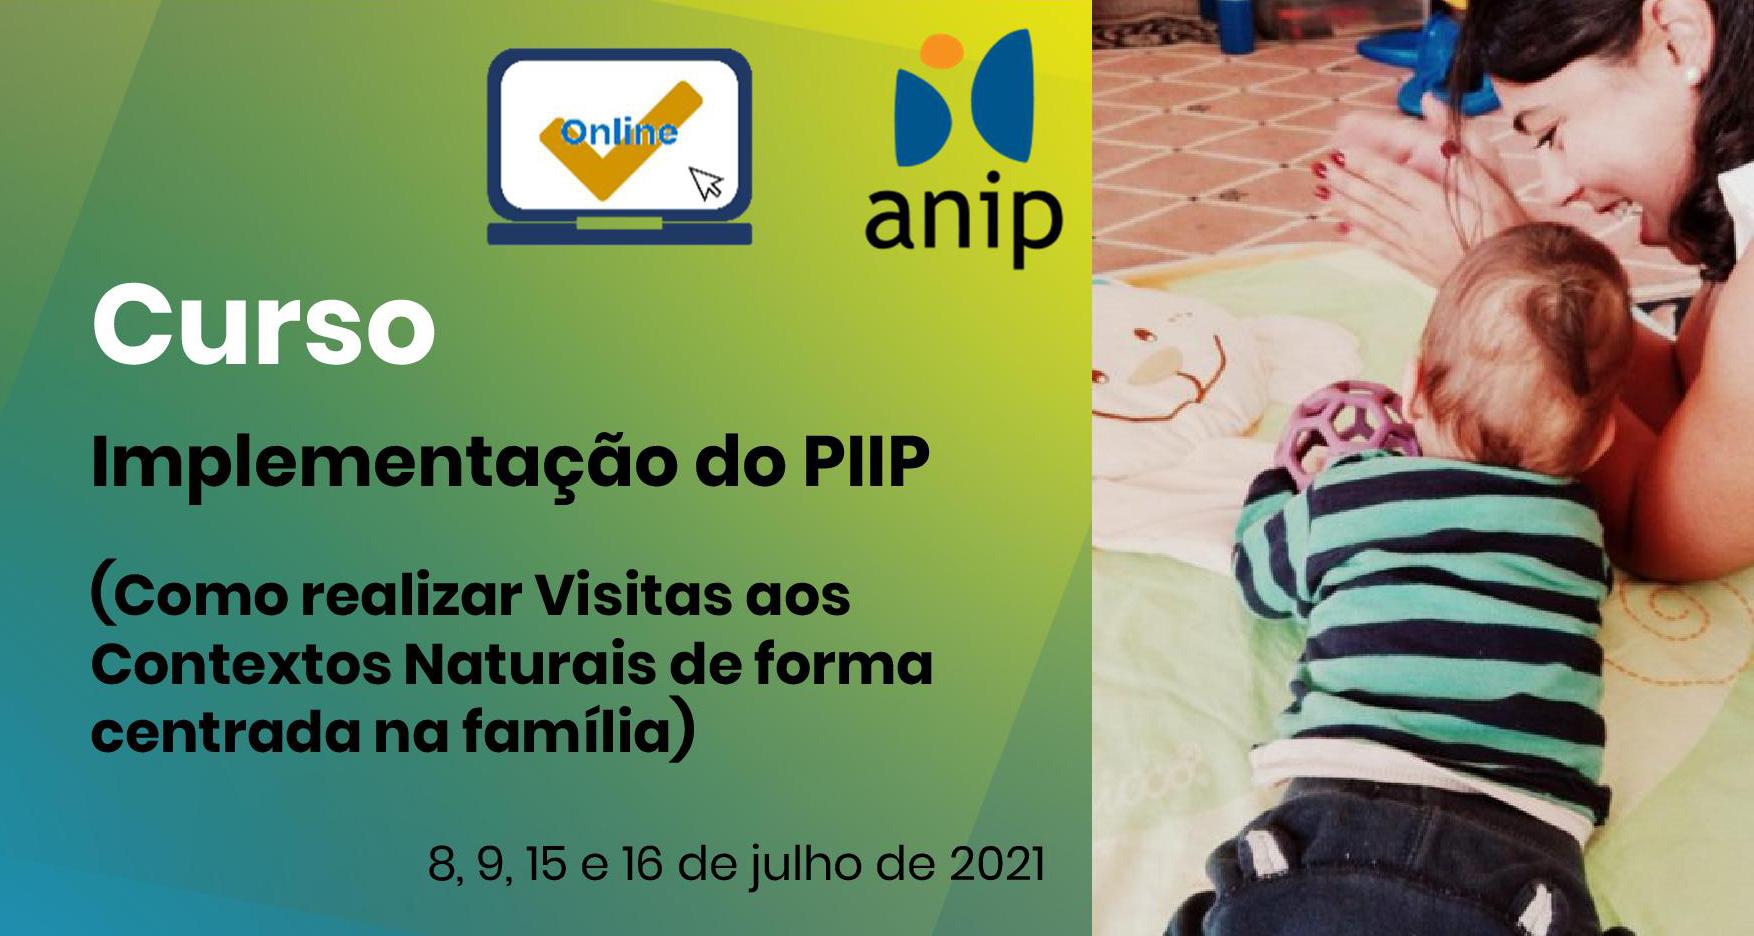 Implementação do PIIP – Visitas C. Naturais (online)